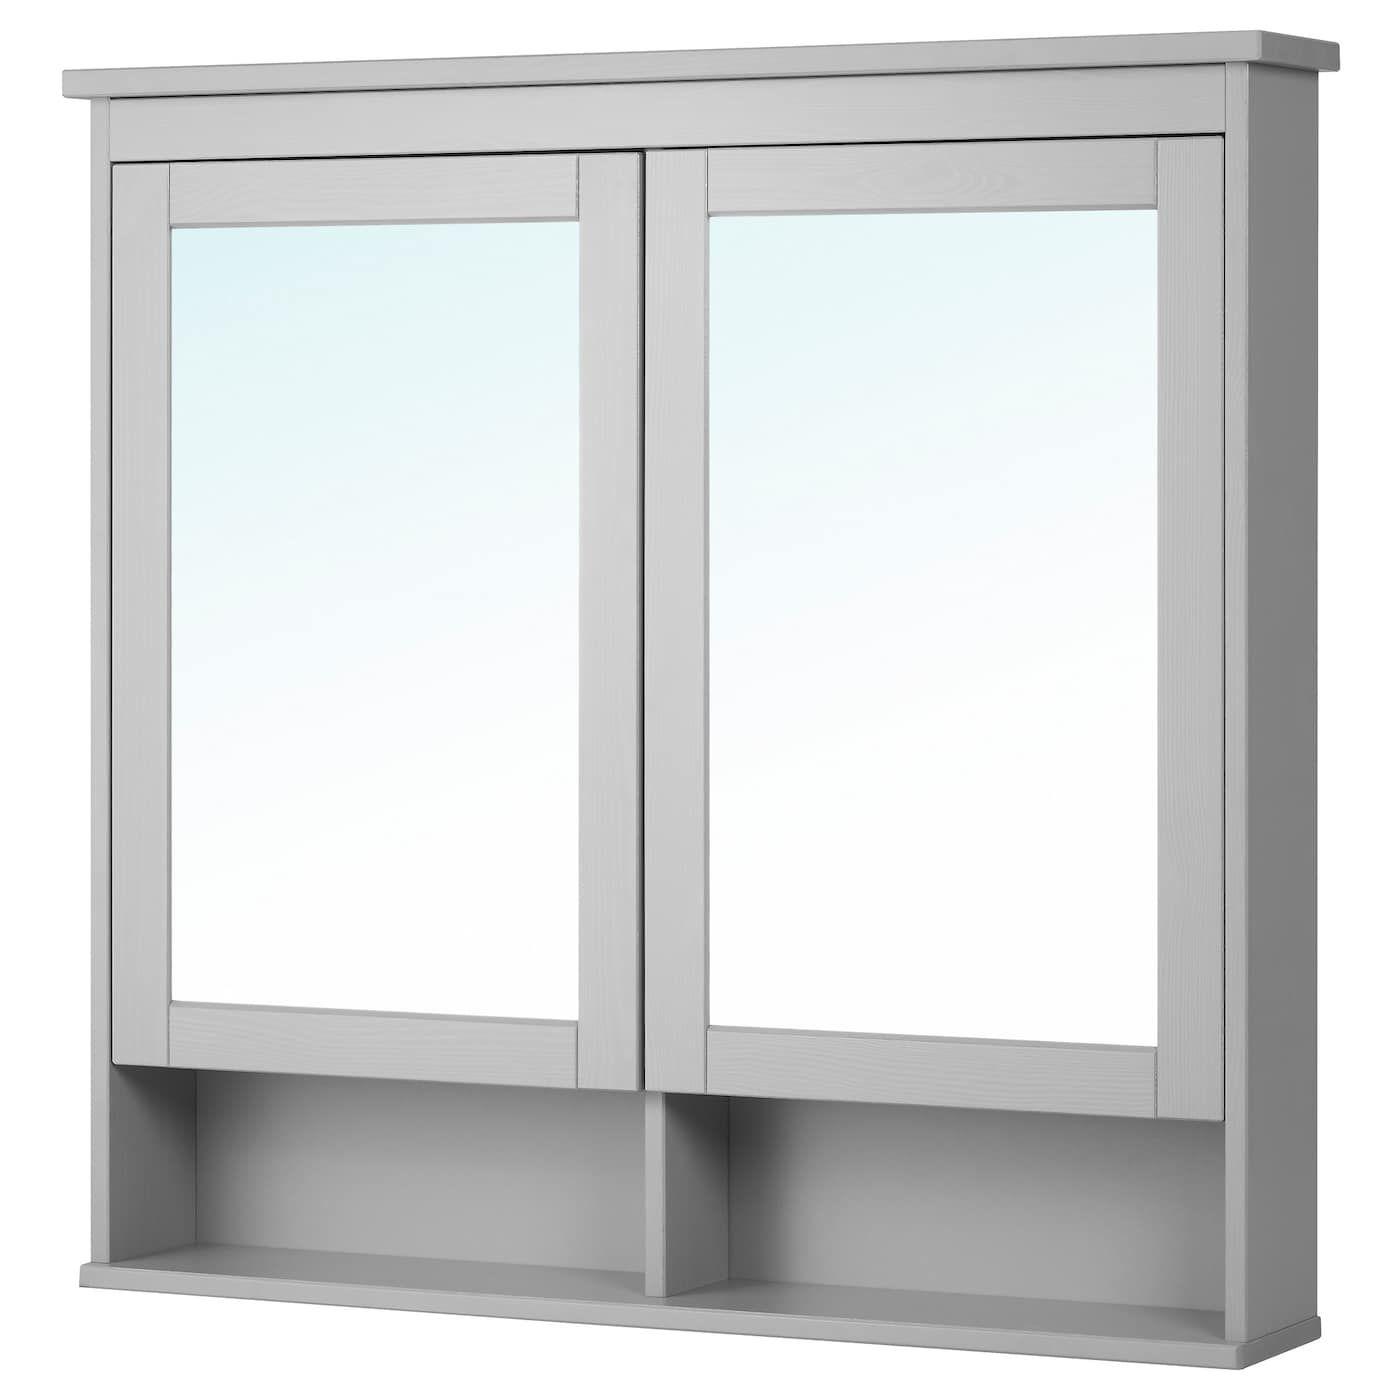 Hemnes Spiegelschrank 2 Turen Grau Spiegelschrank Ikea